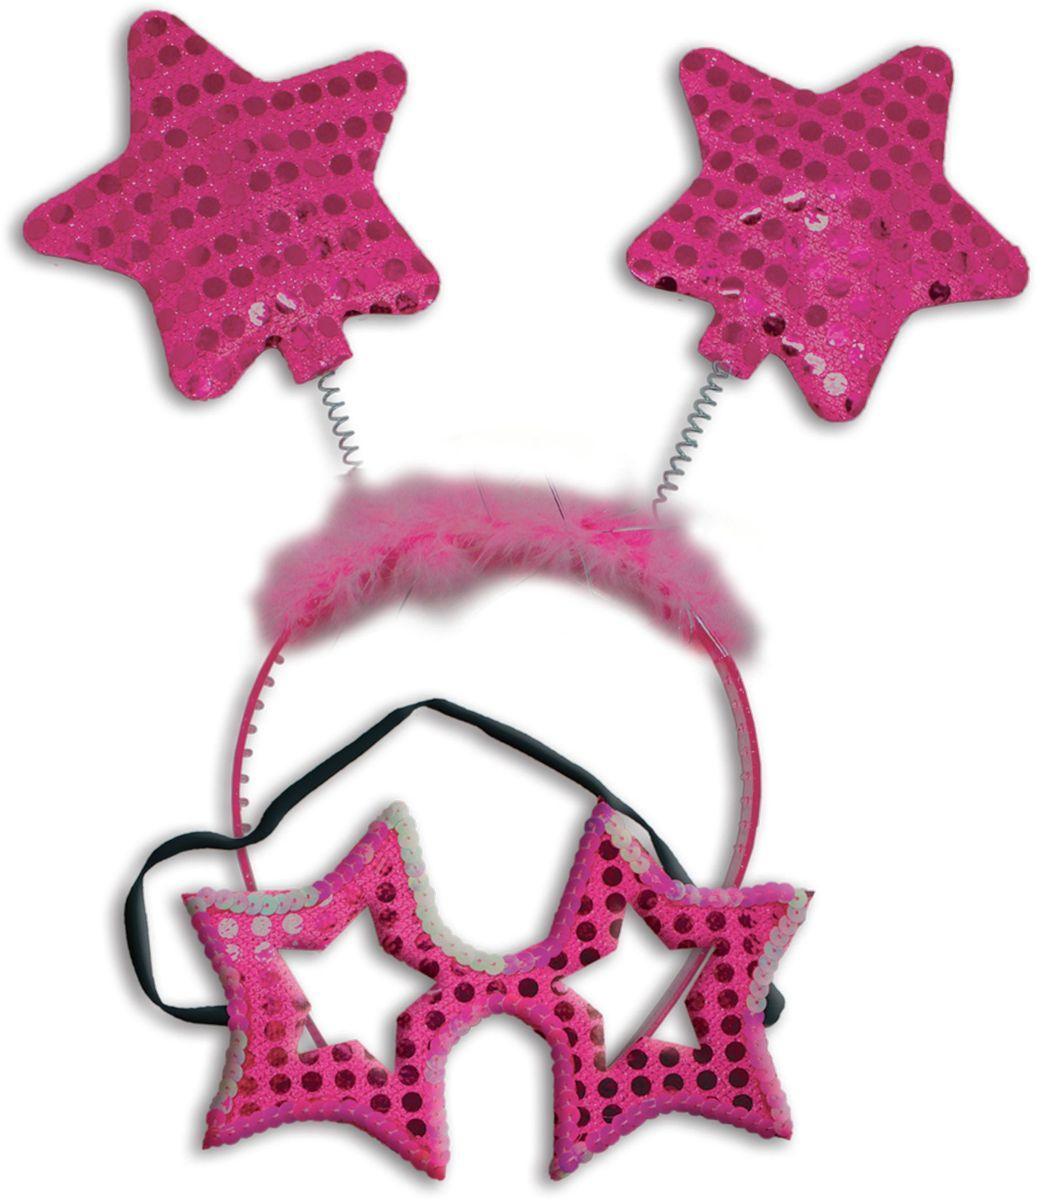 """Partymania Карнавальный набор Маска и ободок со звездочками цвет ярко-розовый, """"Eafa Novelty Company, LTD"""""""